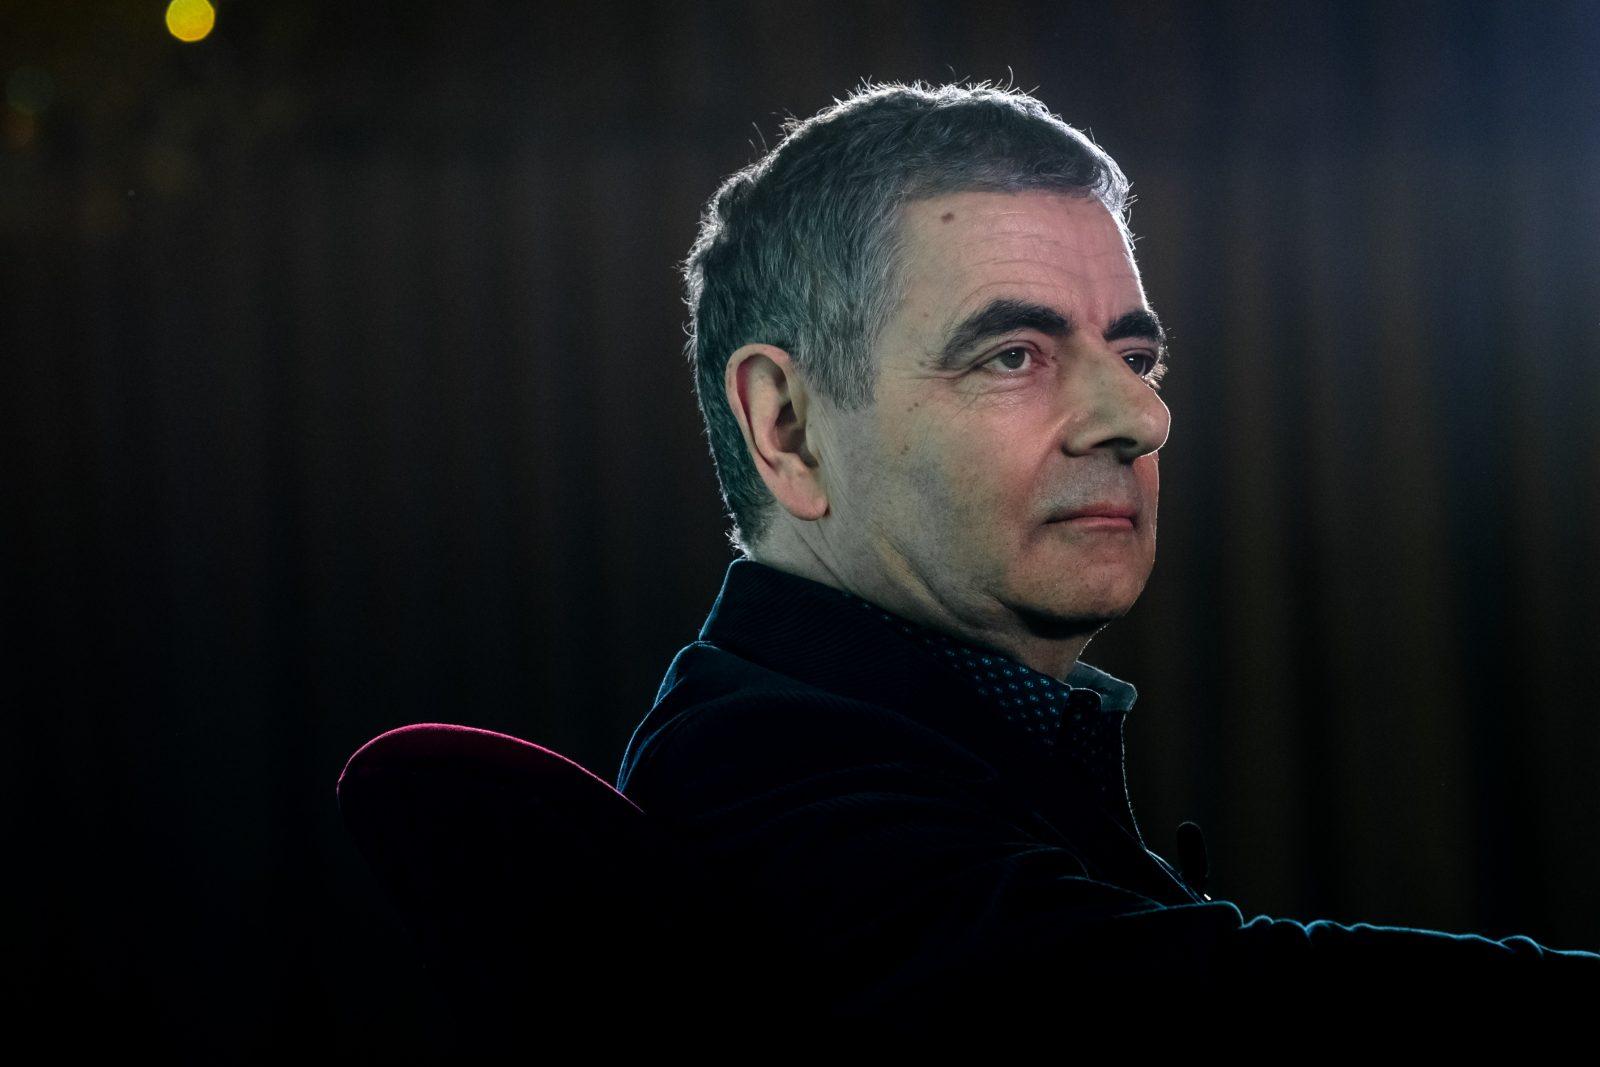 Rowan Atkinson: Der britische Komiker plädiert für ein breites Spektrum an Meinungen